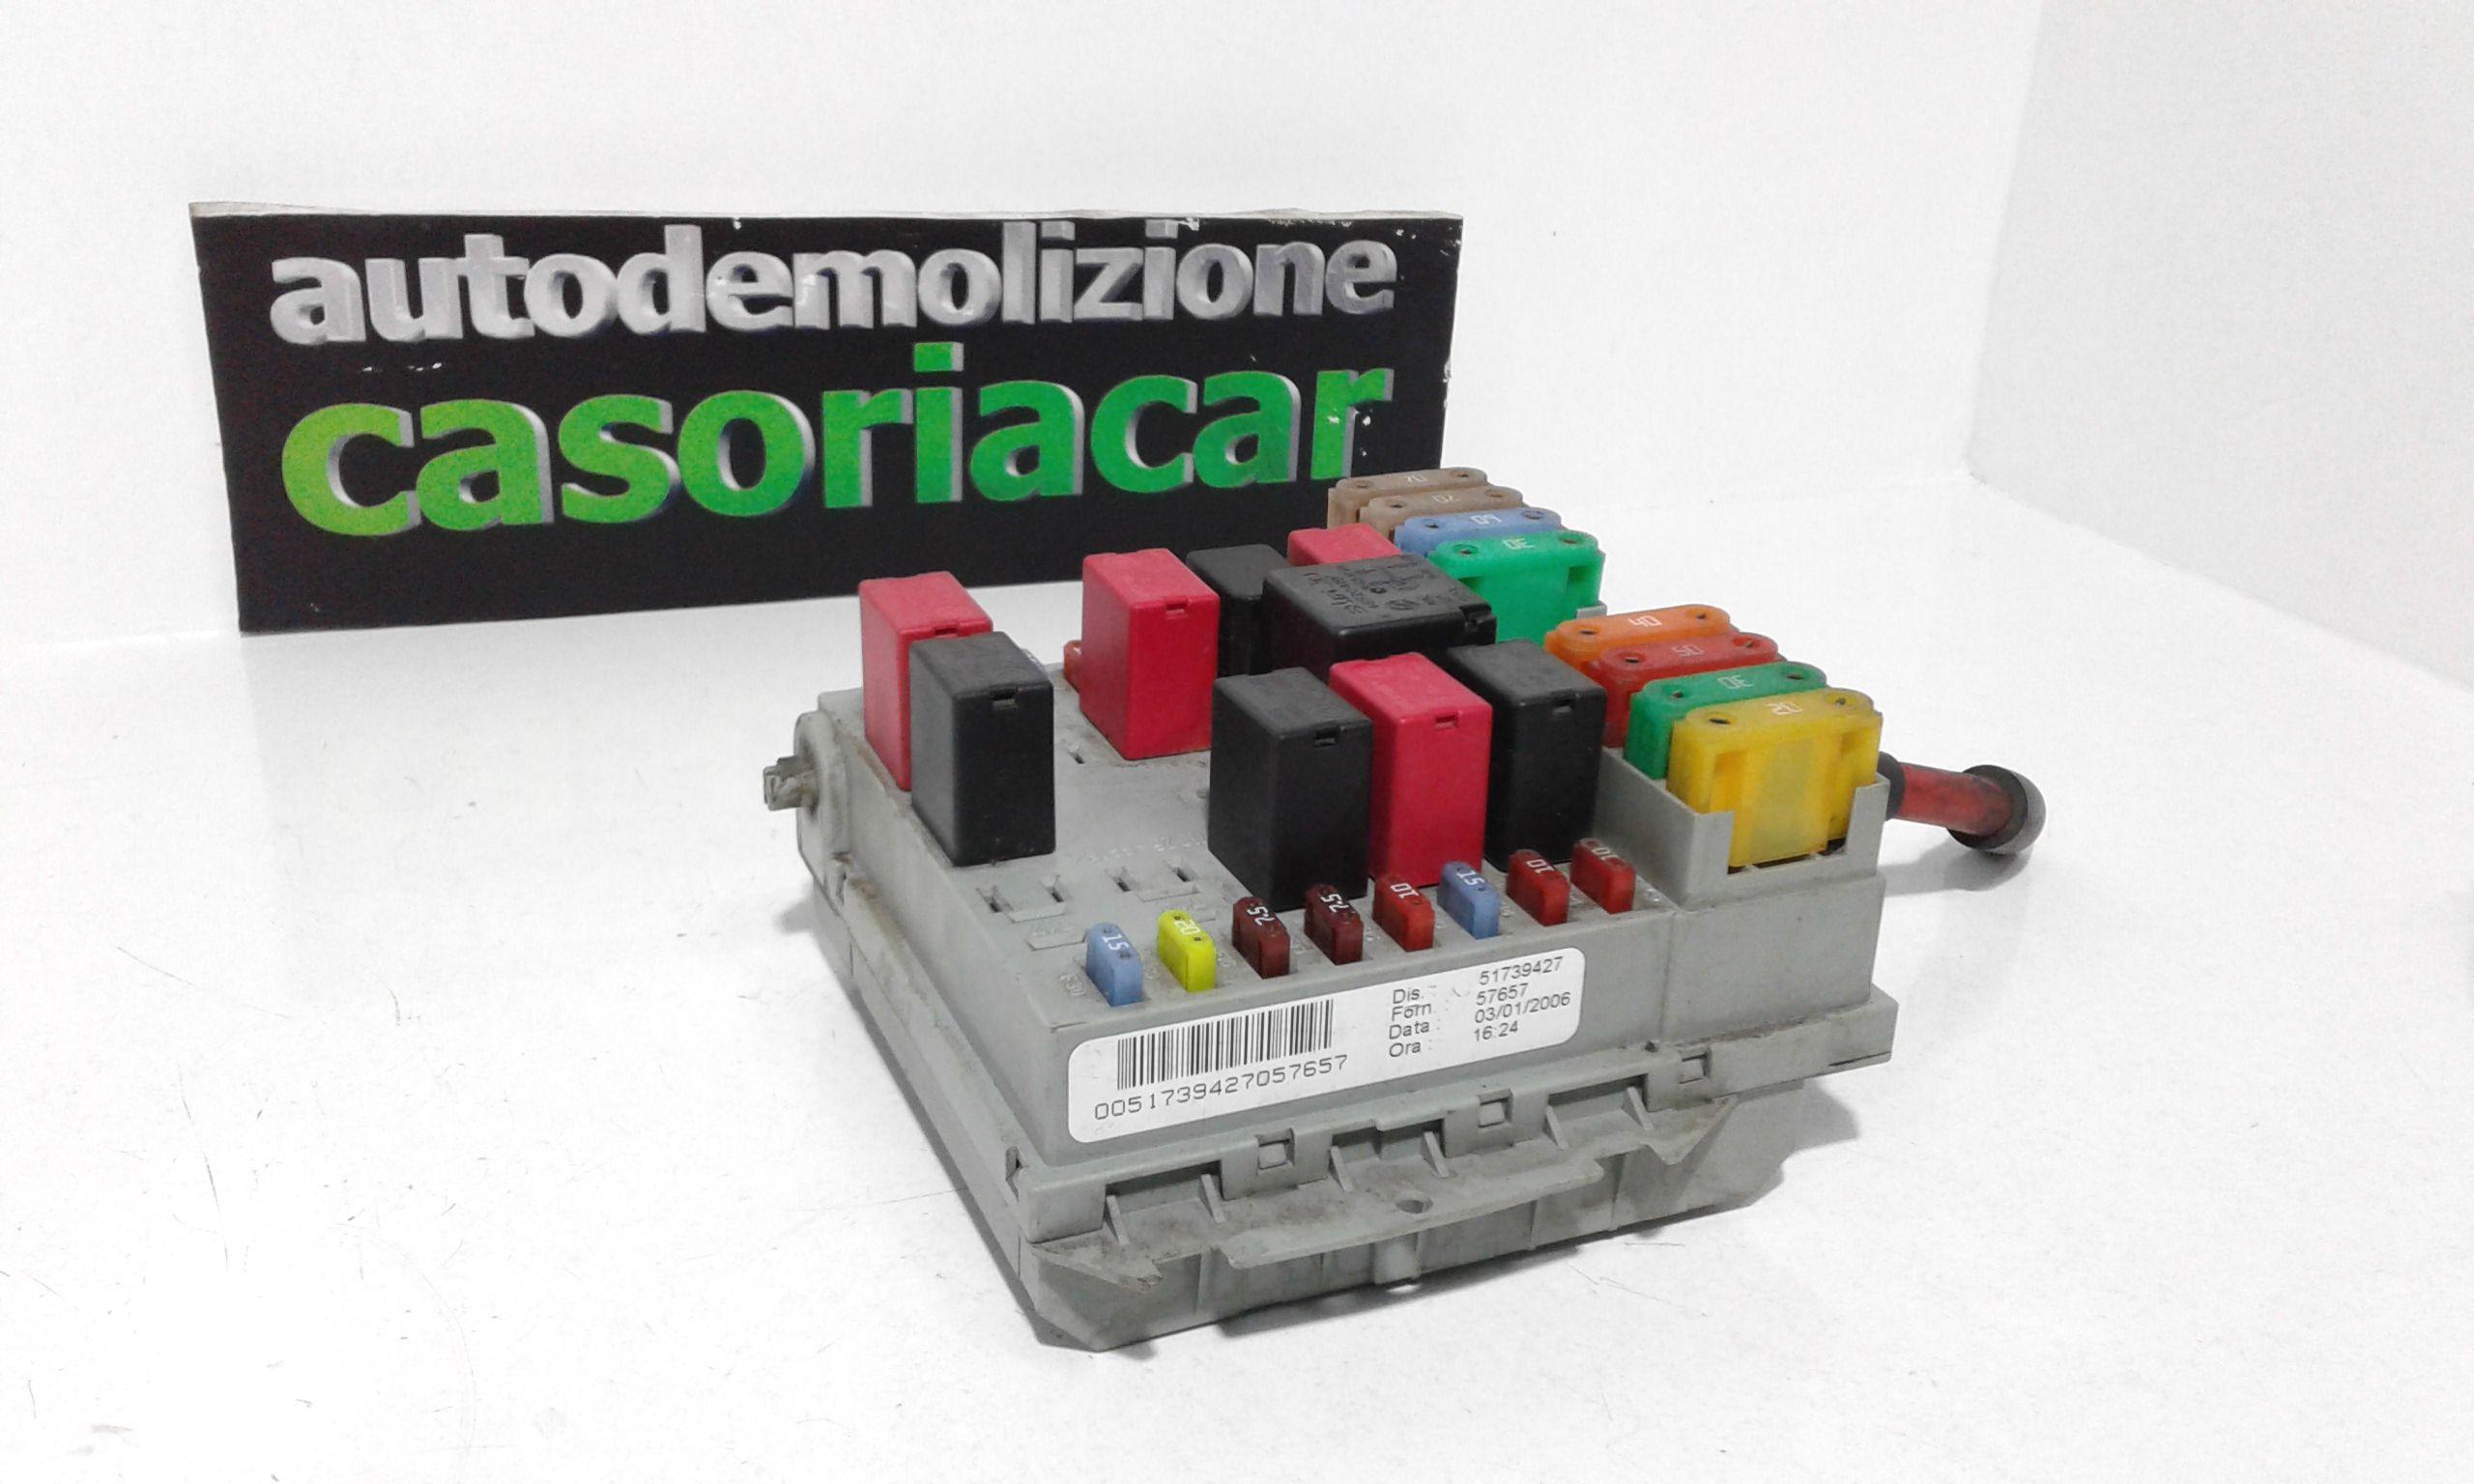 51739527 CENTRALINA PORTA FUSIBILI FIAT Idea 2° Serie 1300 Diesel  (2007) RICAMBI USATI